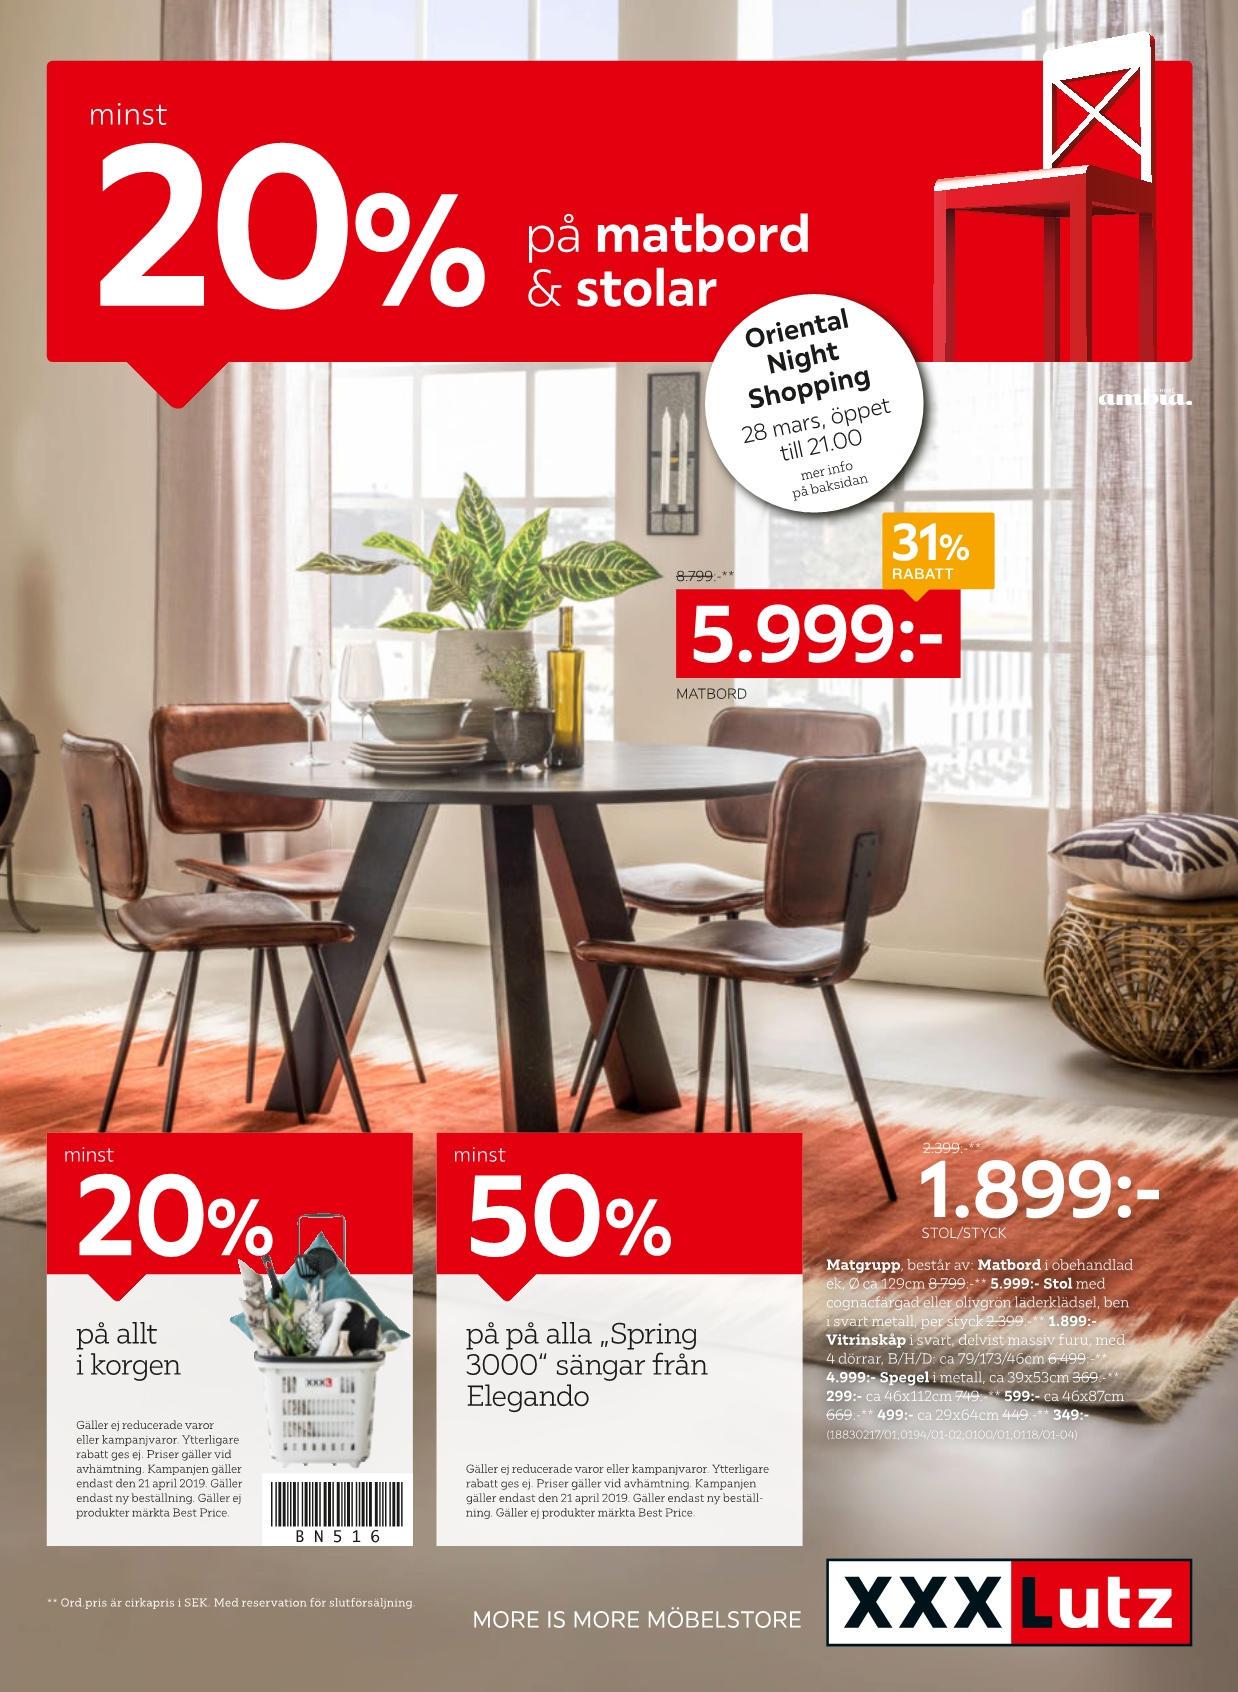 Minst 20% på matbord & stolar